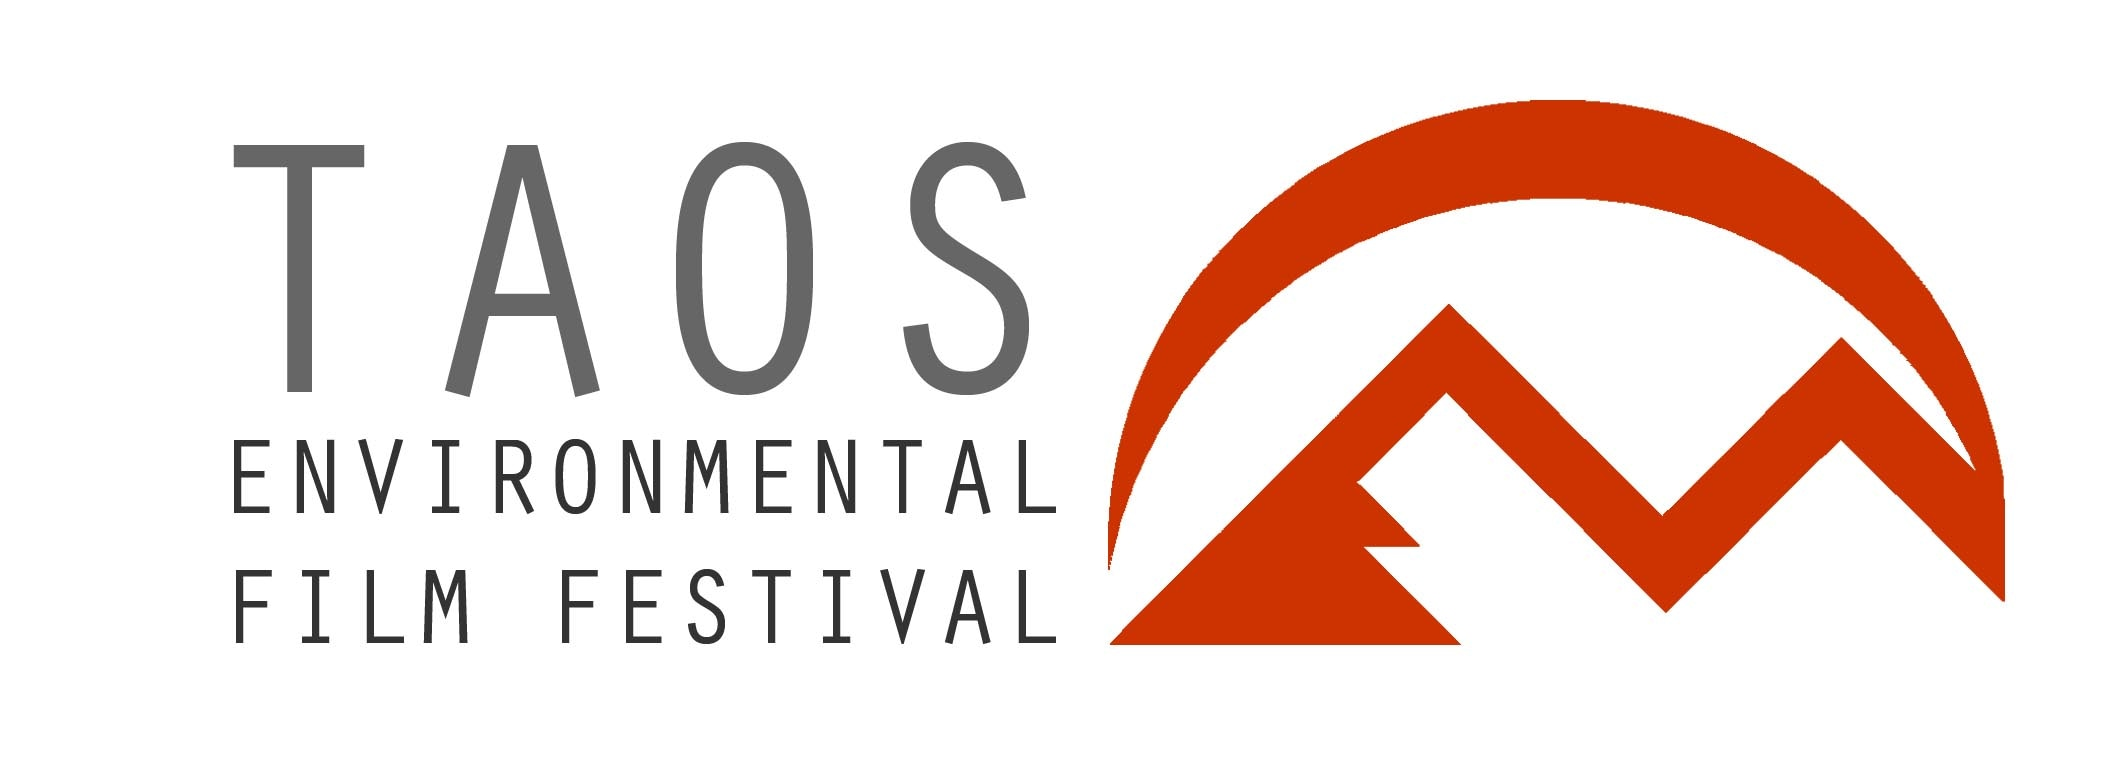 taos-environ-ff-logo1_orig.jpg